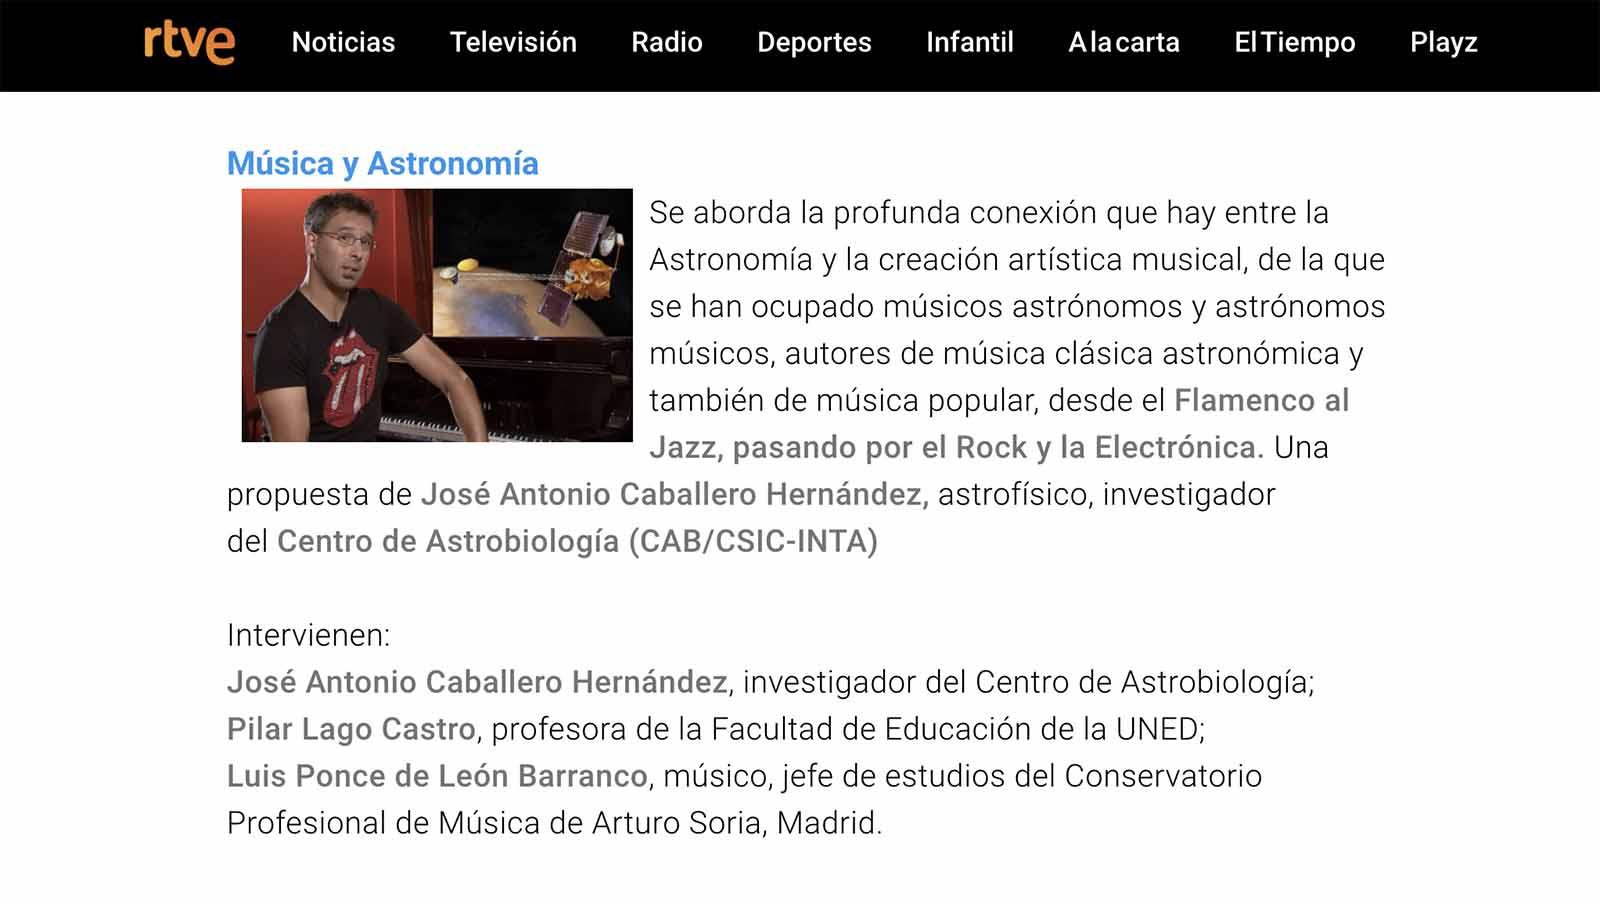 Música y Astronomía La 2 RTVE UNED Conservatorio Arturo Soria C3